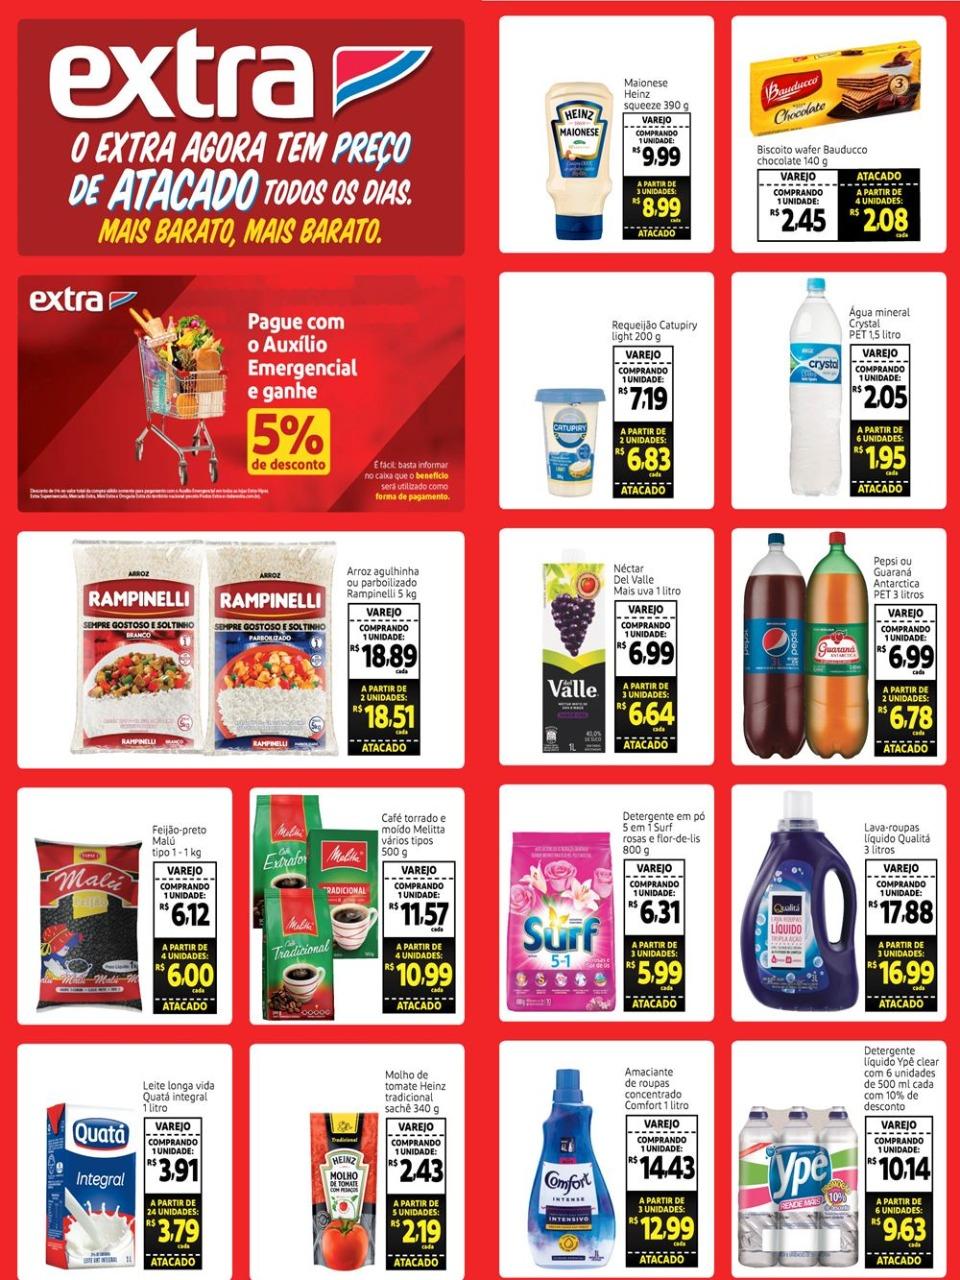 WhatsApp-Image-2021-07-30-at-10.23.19 Extra Hiper Mais Barato Final de Semana de ofertas até 01/08/2021